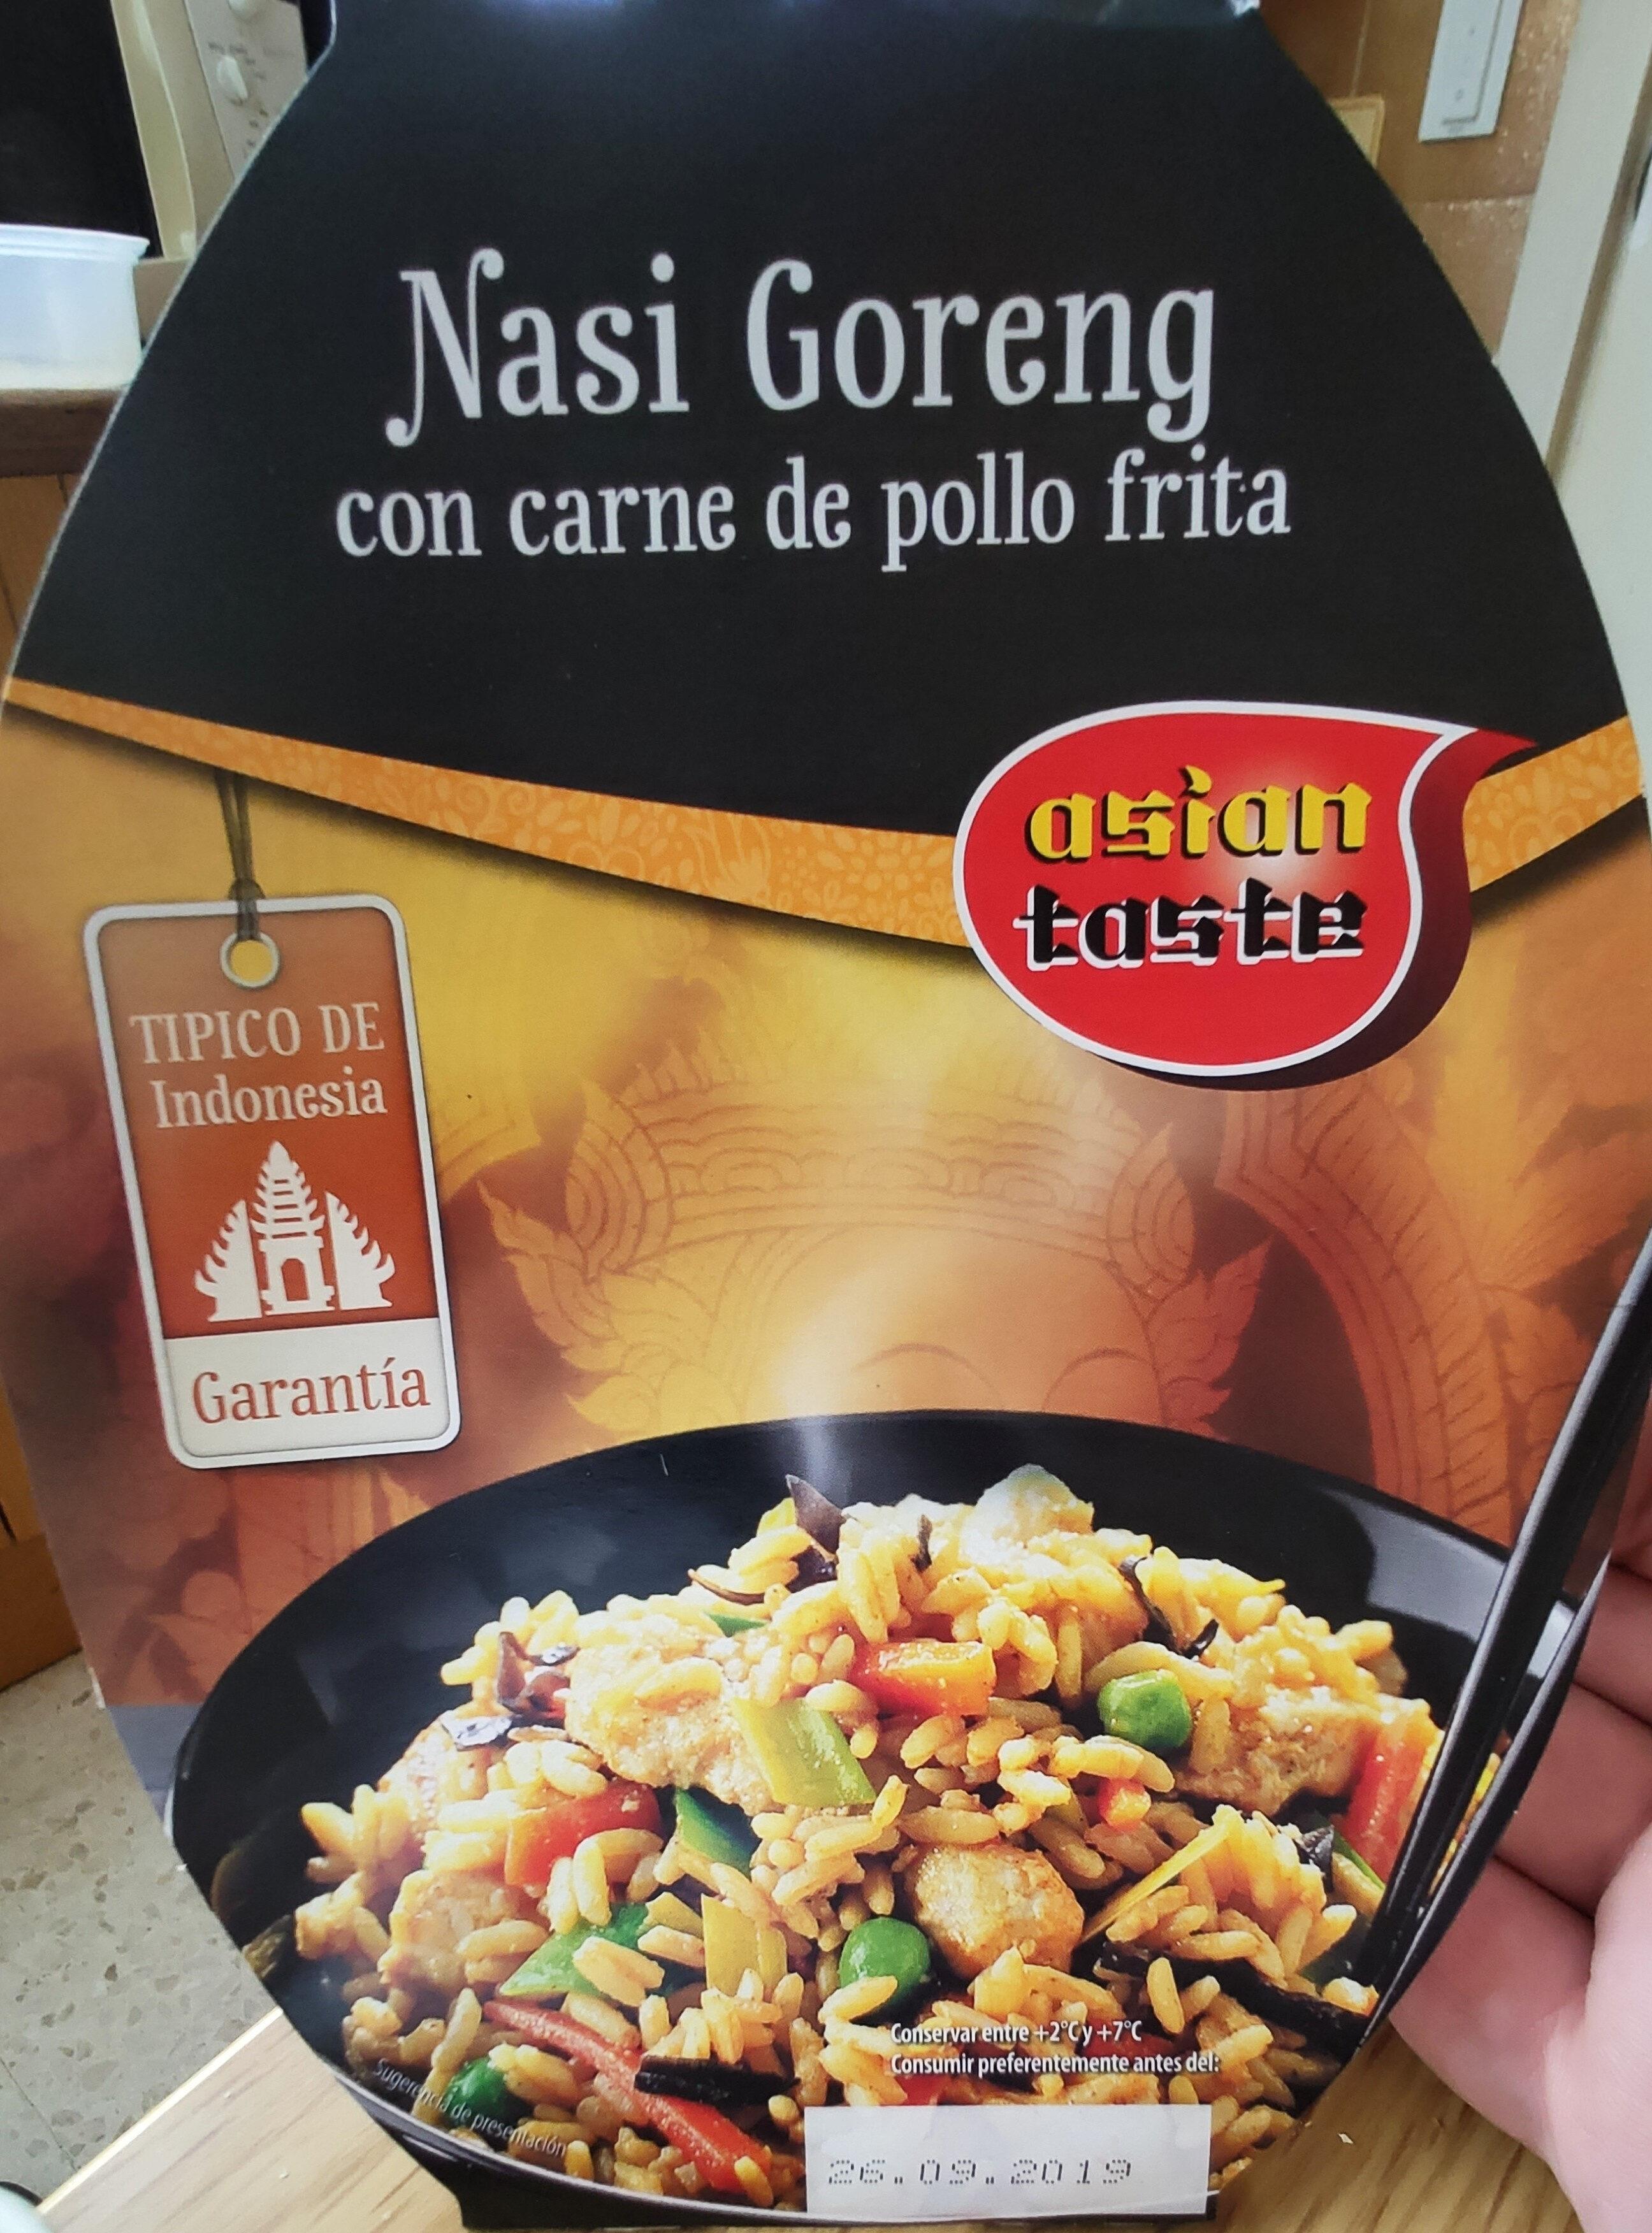 Nasi Goreng con carne de pollo frita - Product - es